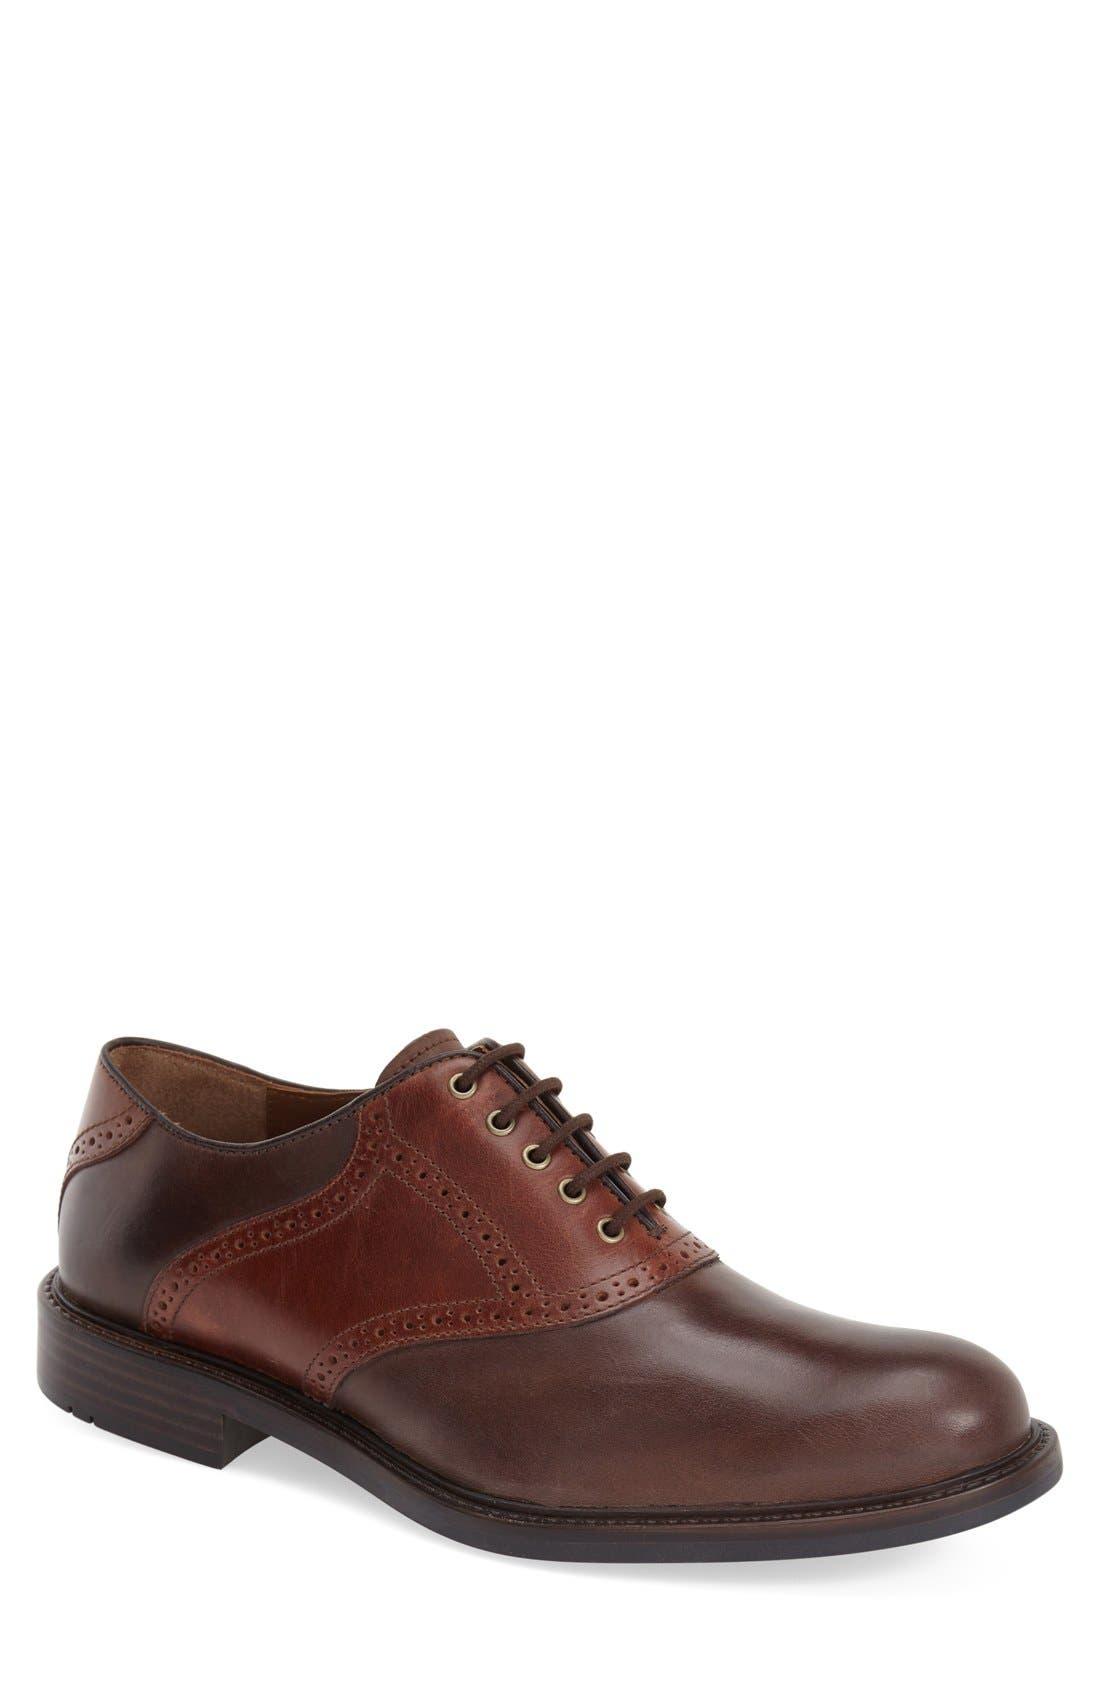 'Tabor' Saddle Shoe, Main, color, 200